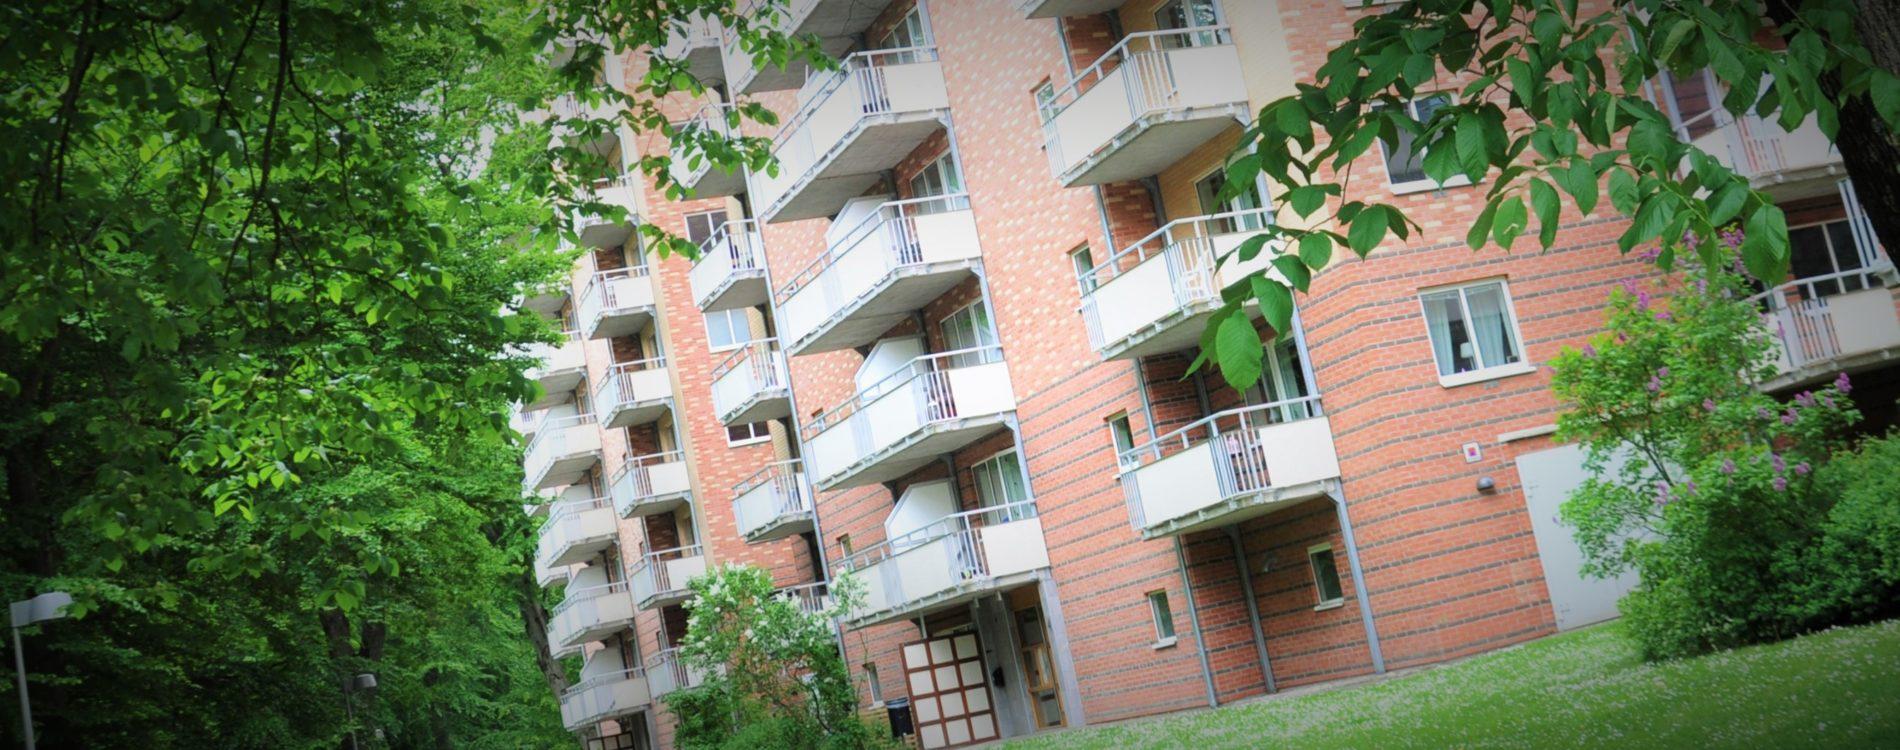 Detaljbild för kurorten, röd tegelfasad med balkonger